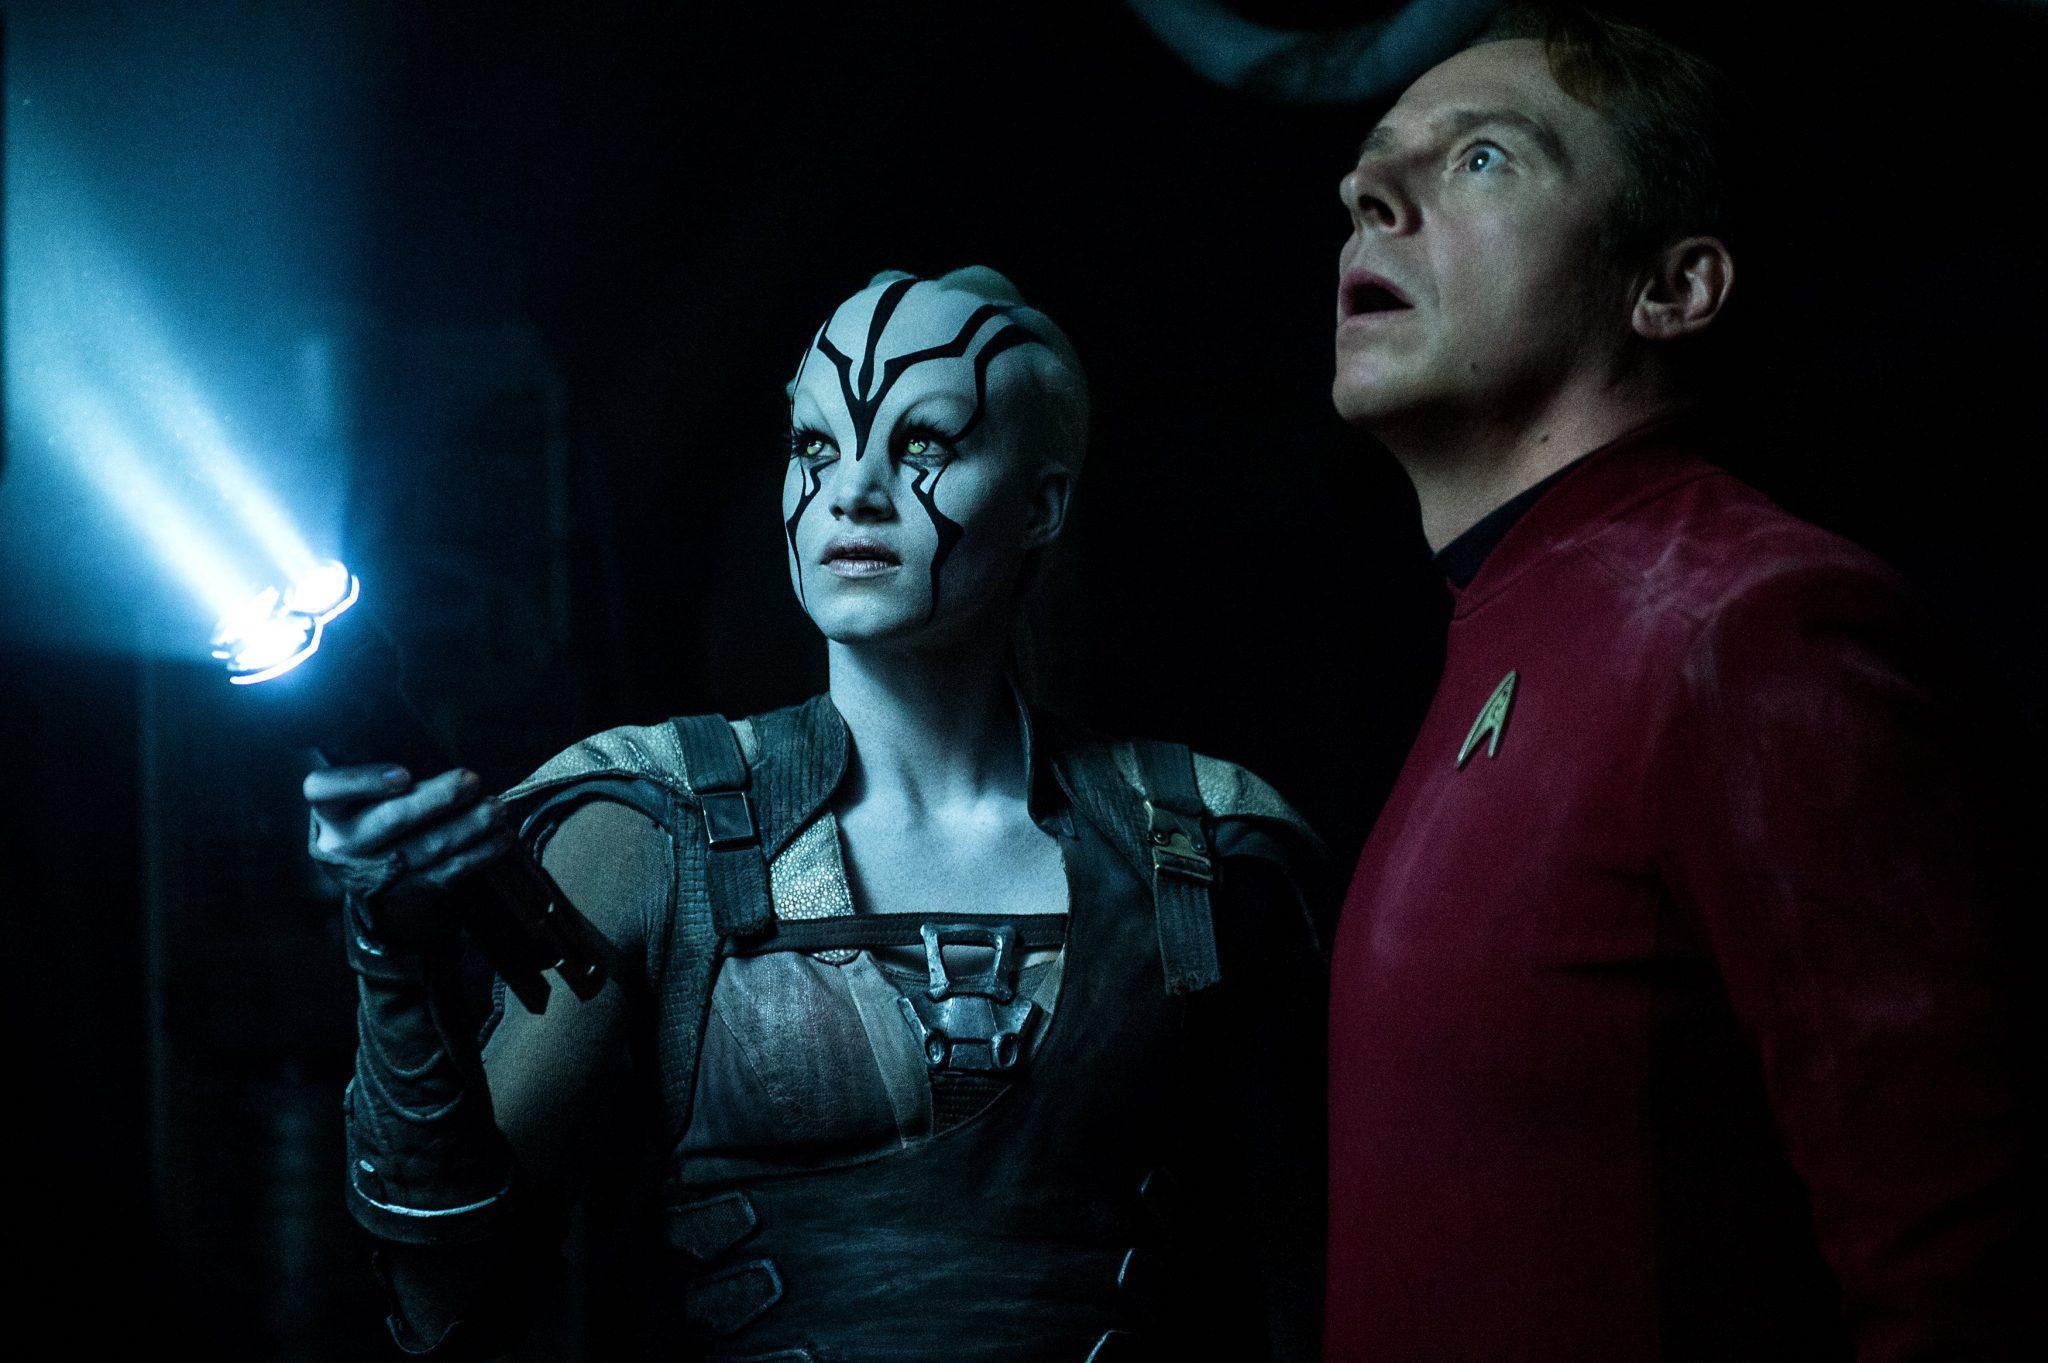 'Star Trek Beyond' brings in $59 million box office